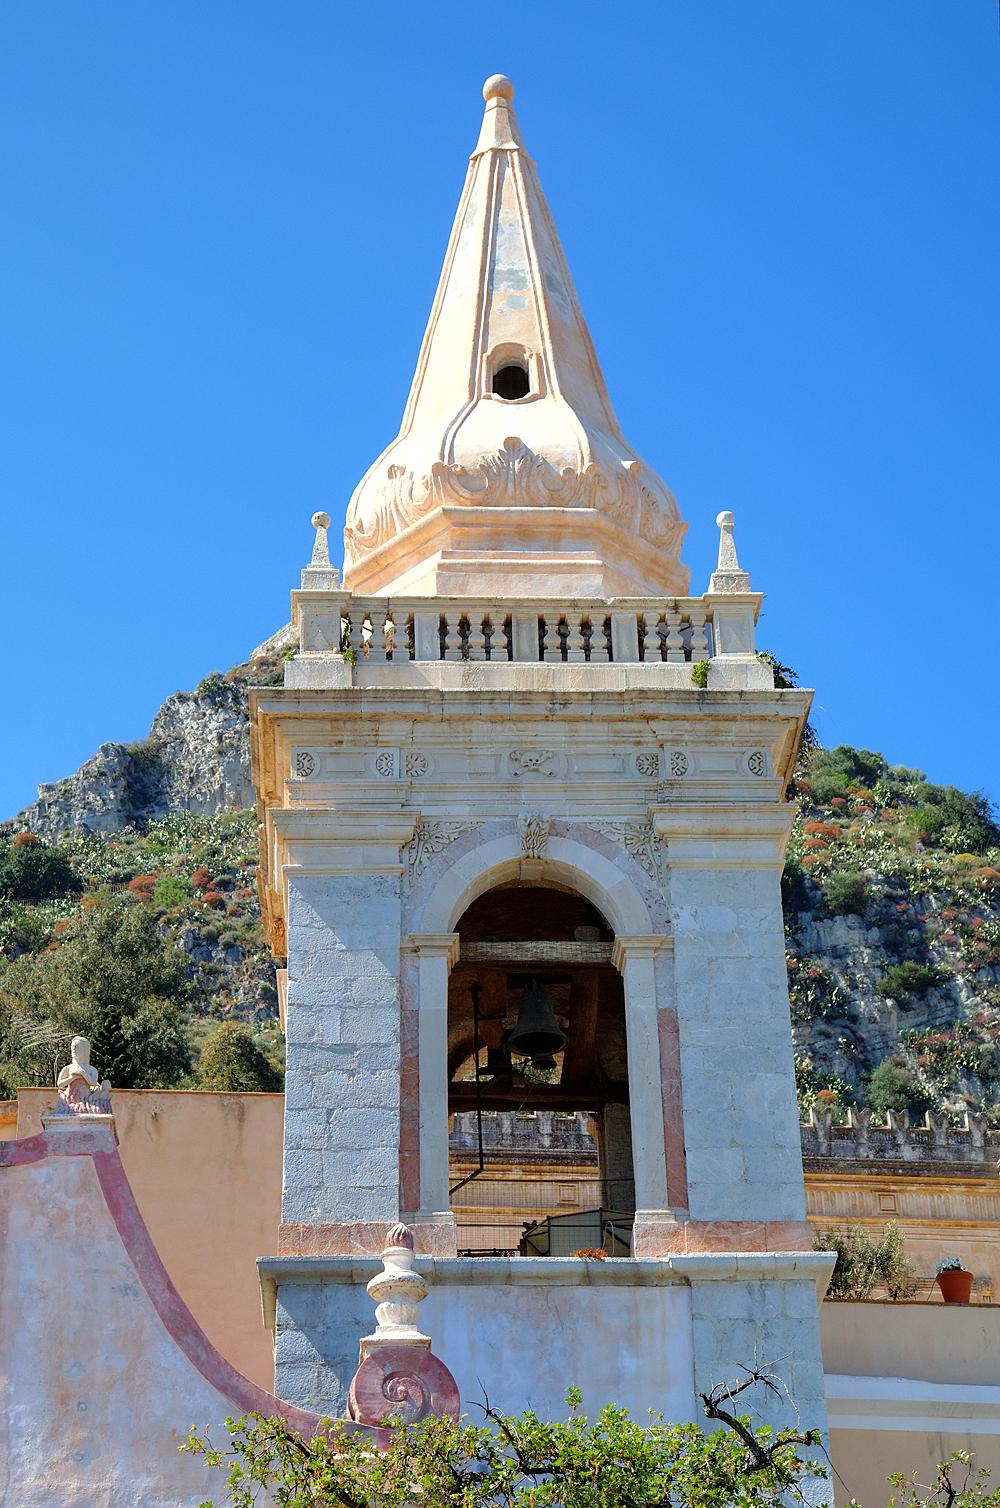 De klokkentoren van de San Giuseppe kerk